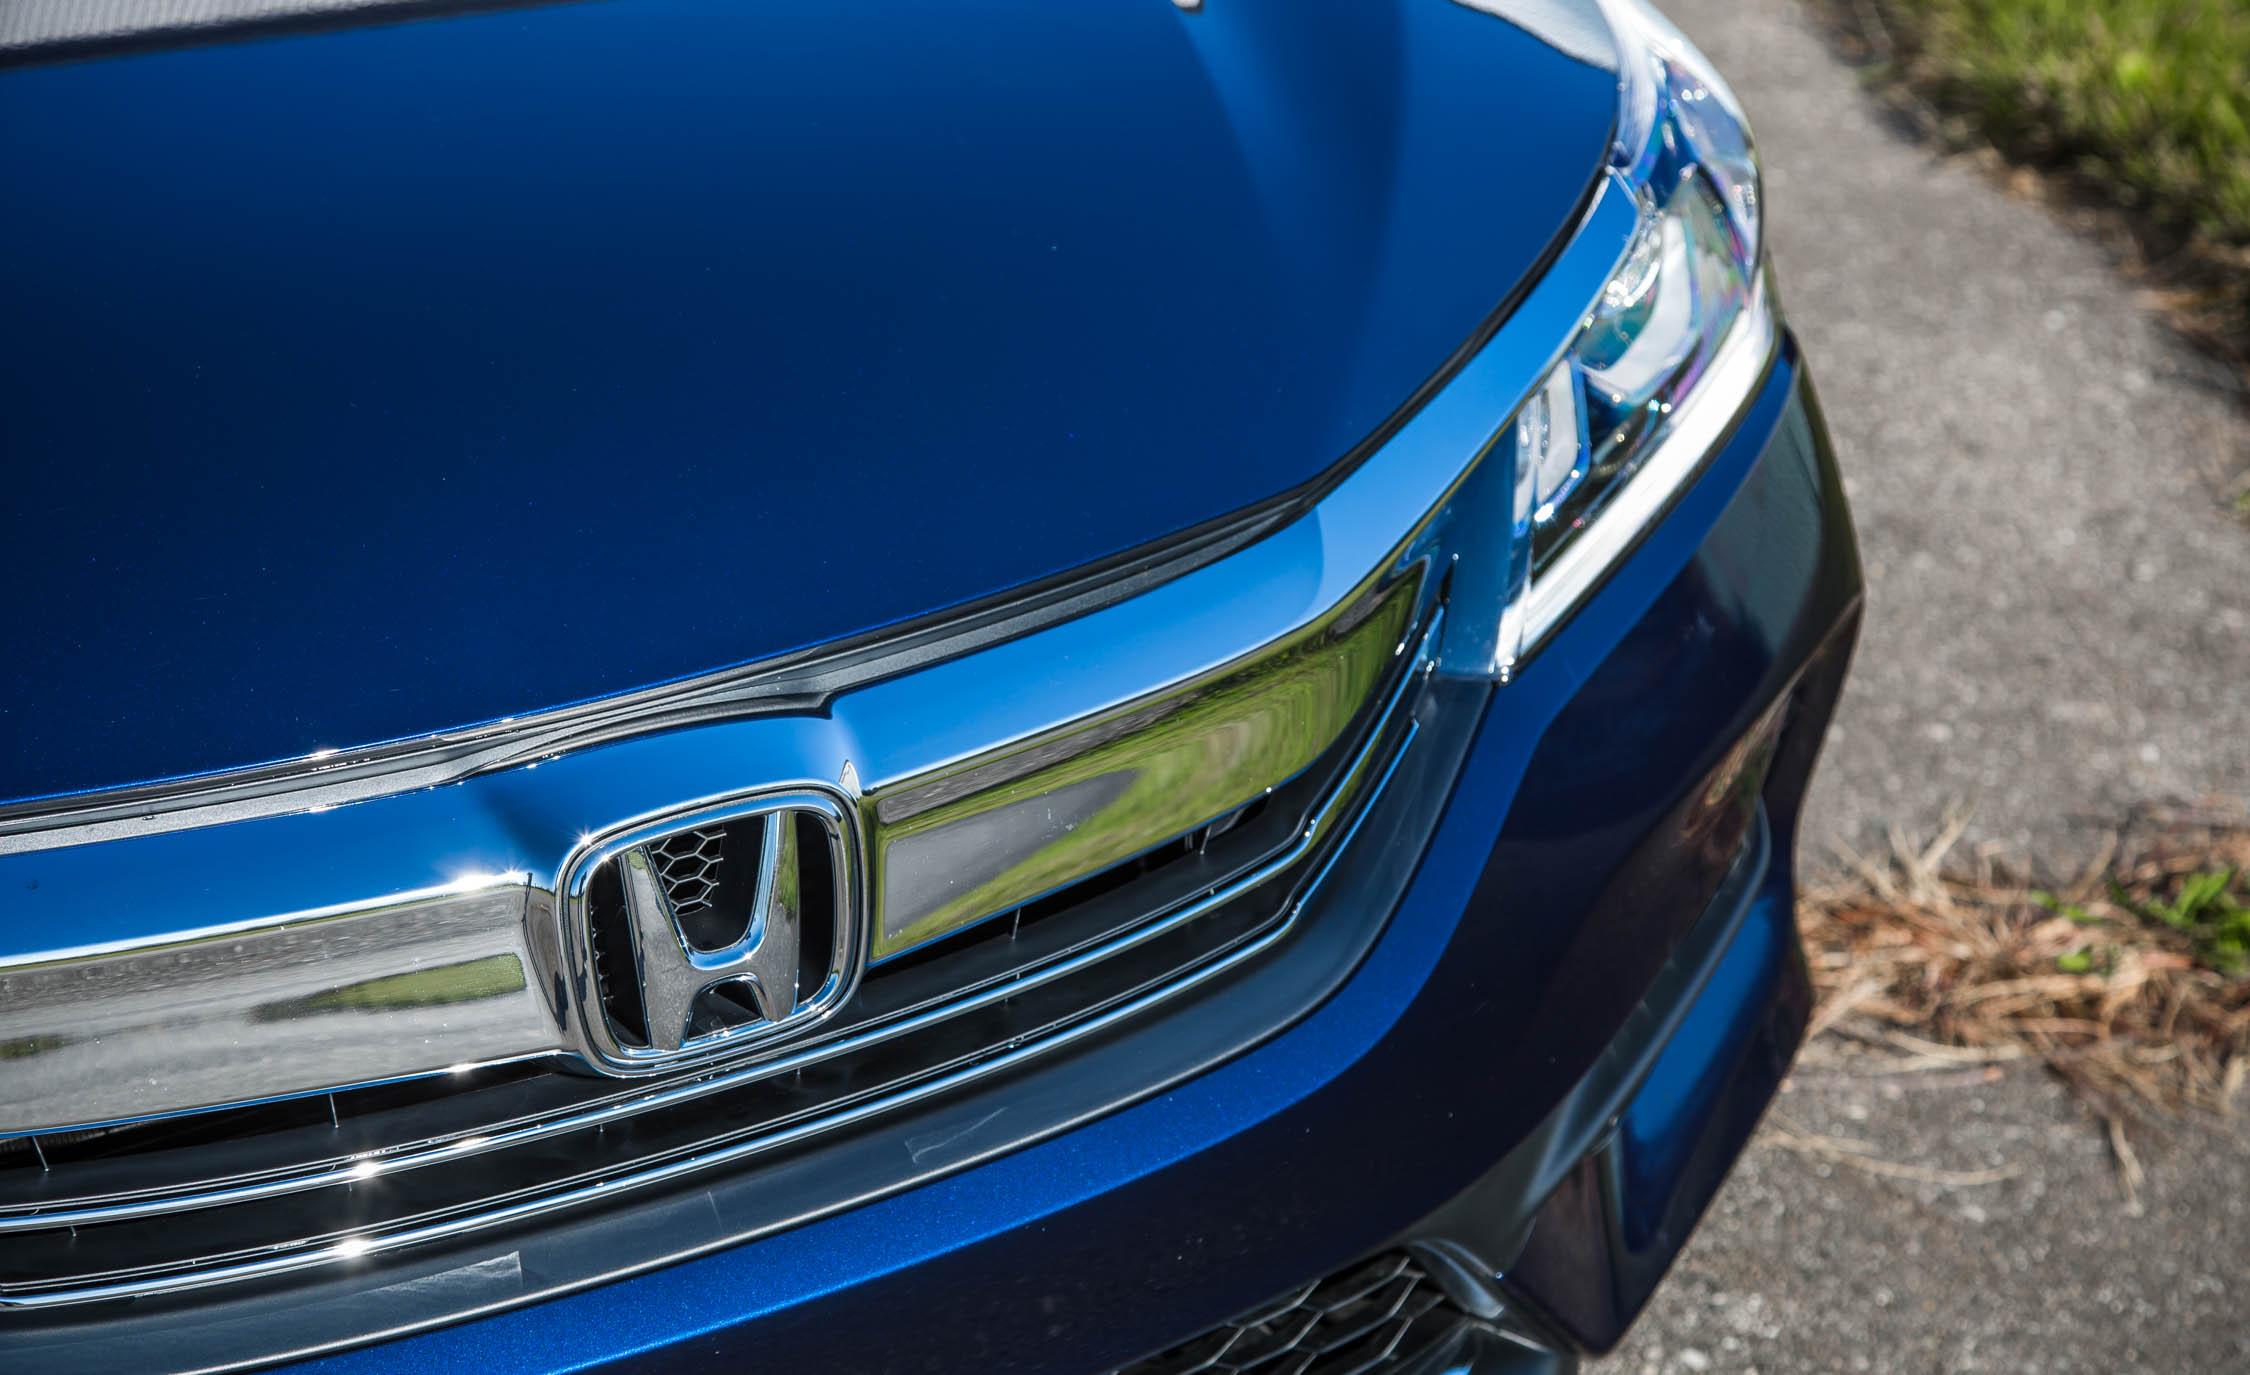 2016 Honda Accord EX Exterior Grille